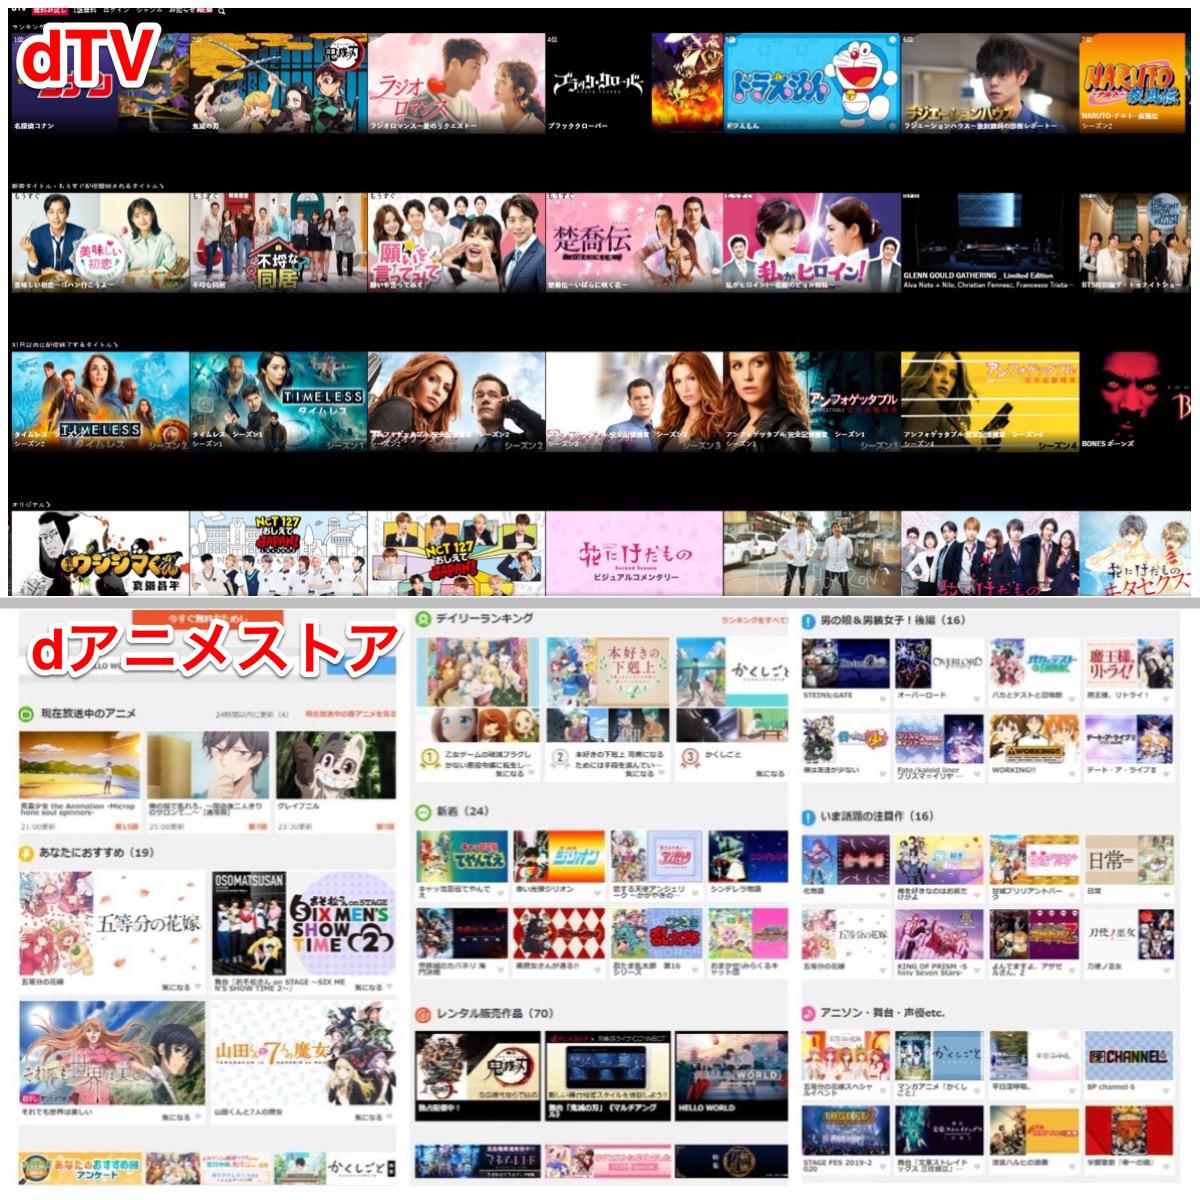 dTVとdアニメストアは登録前に視聴動画をチェックできる